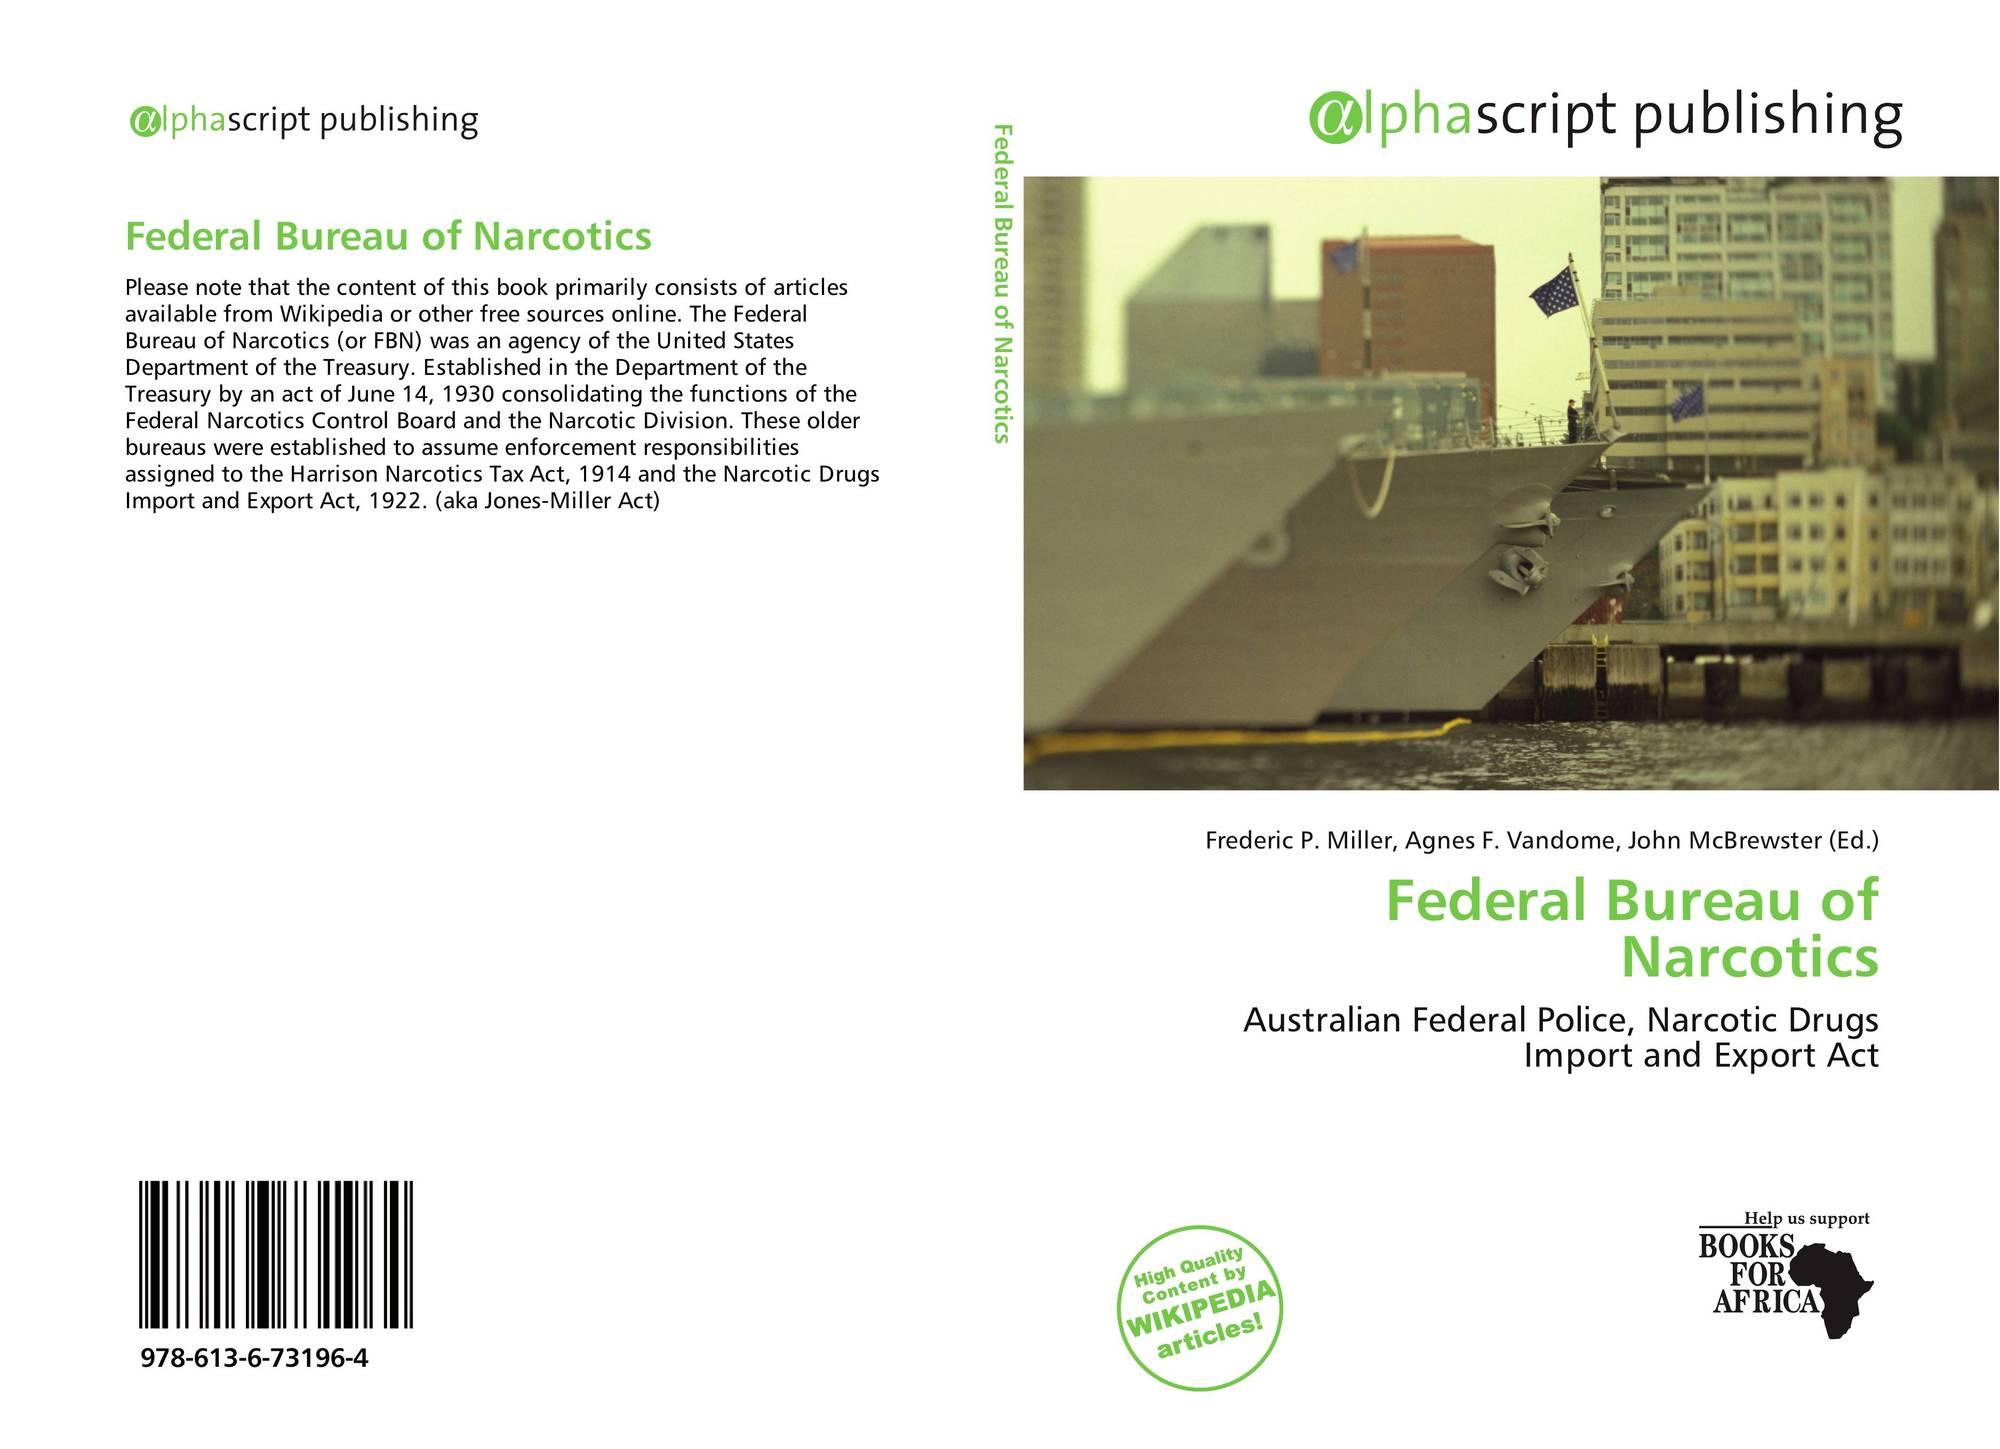 Federal Bureau of Narcotics, 978-613-6-73196-4, 6136731967